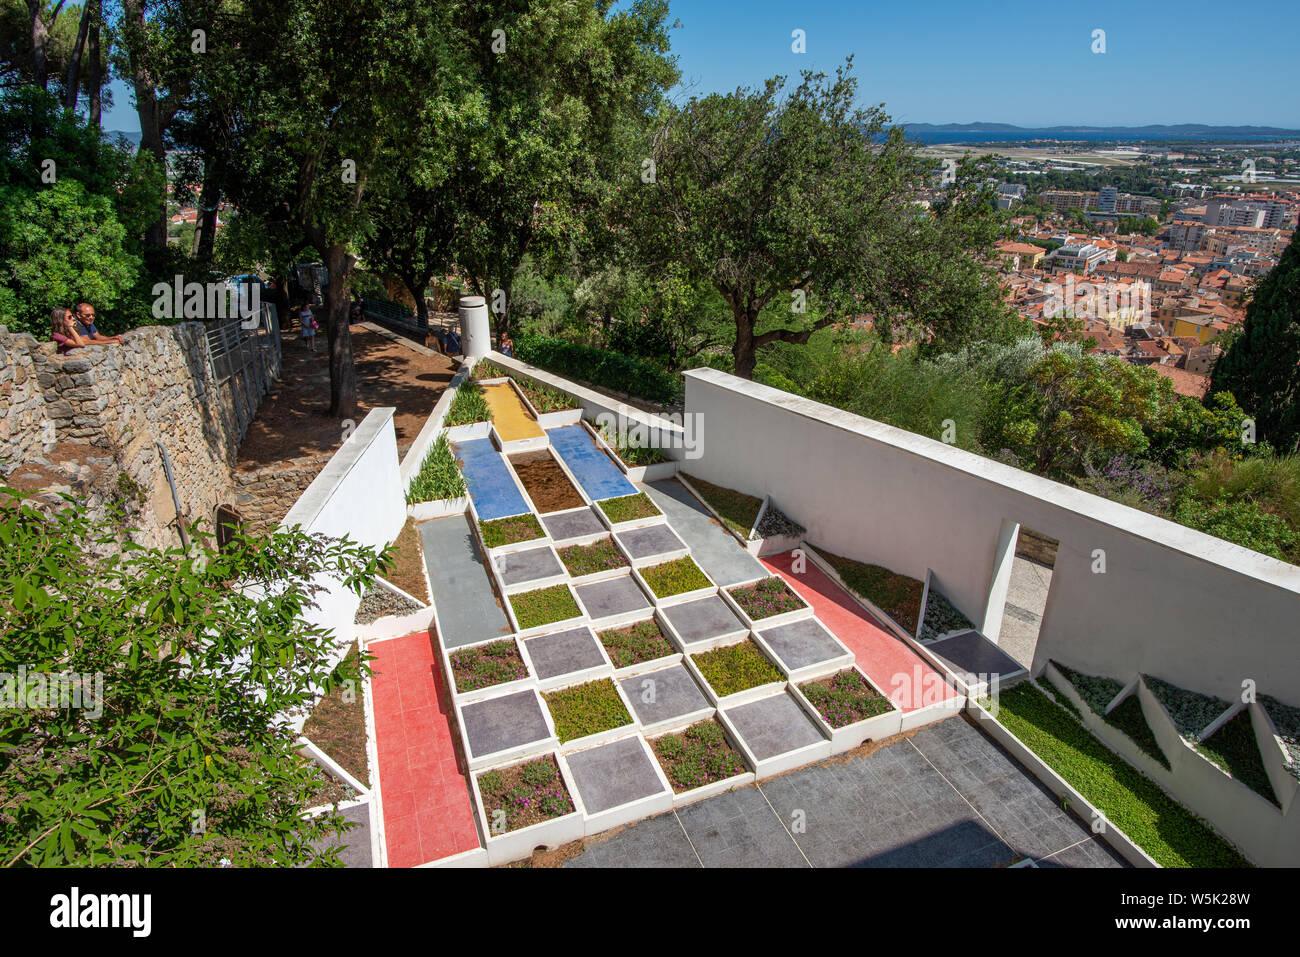 Kubistischer Garten Stockfotos & Kubistischer Garten Bilder - Alamy